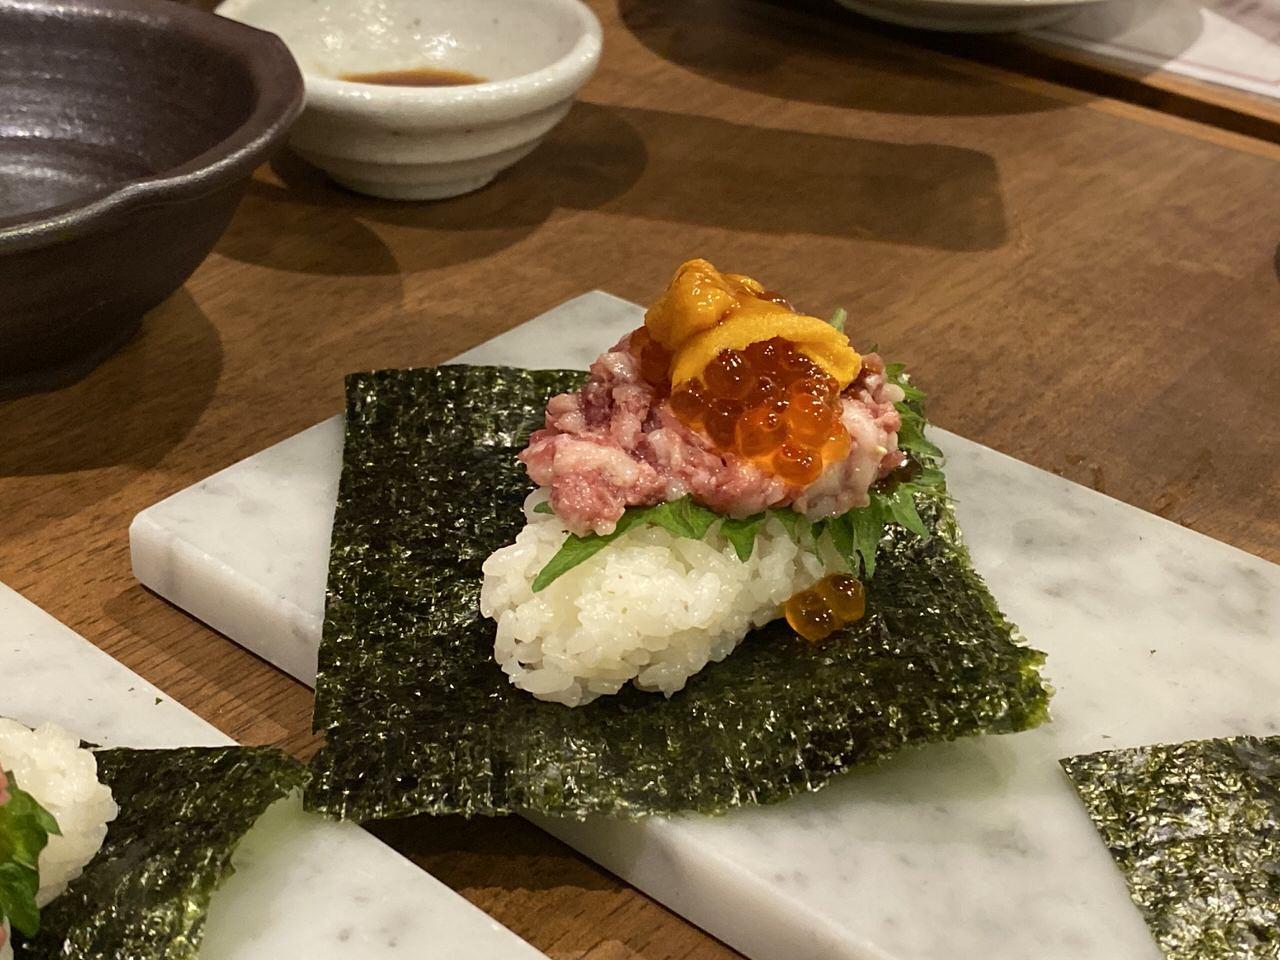 「秋葉原 肉寿司」17